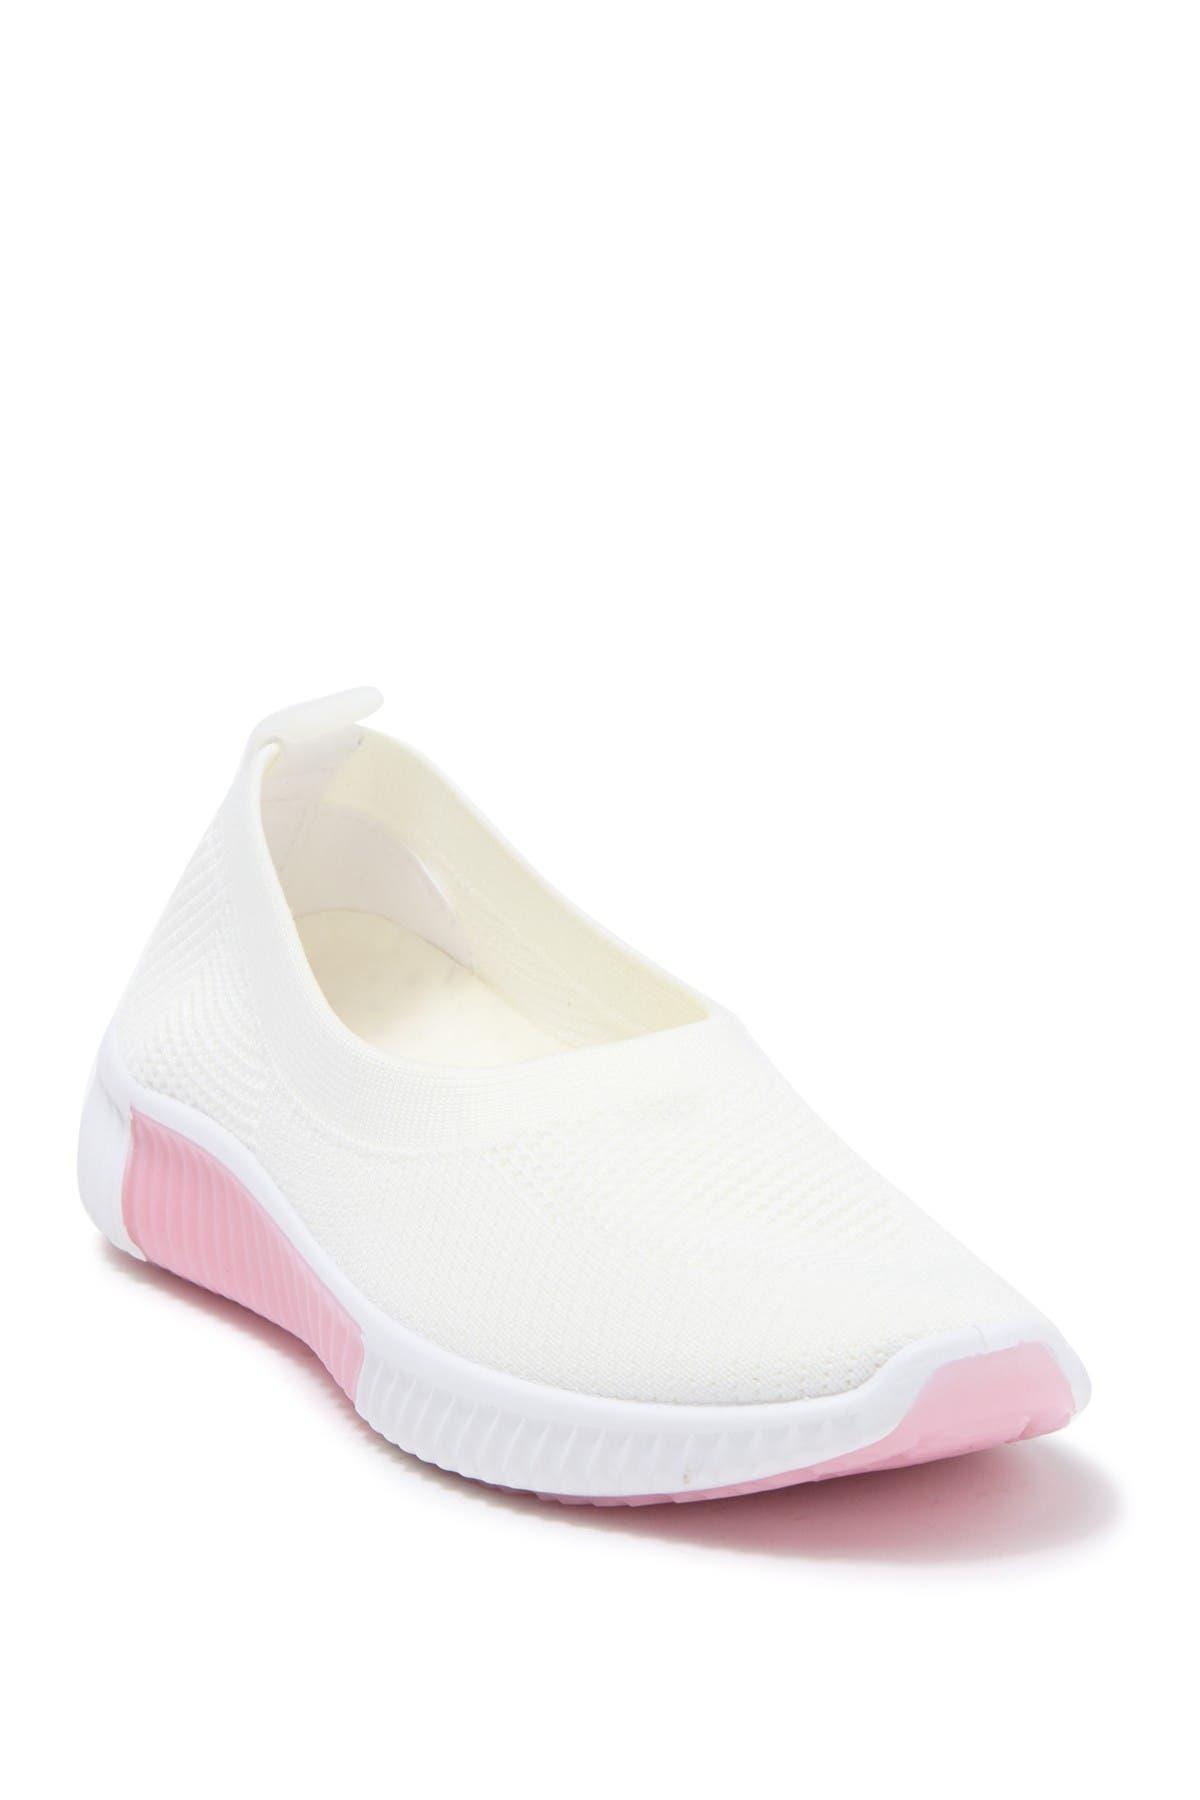 Image of Ilse Jacobsen Hornbaek Knit Slip-On Sneaker